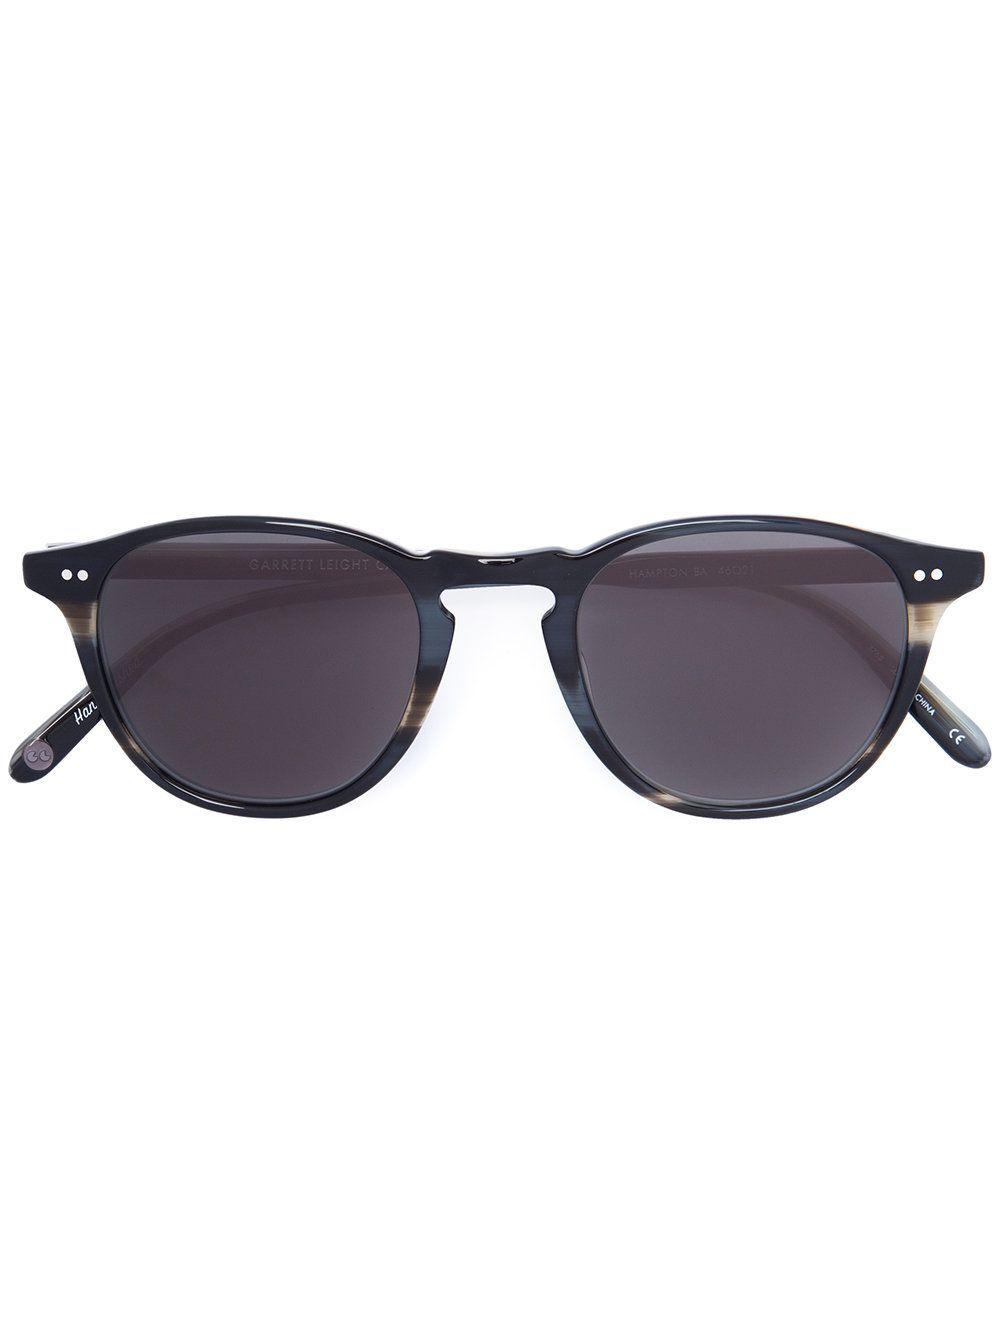 Gafas de sol, Garrett Leight (c.p.v)